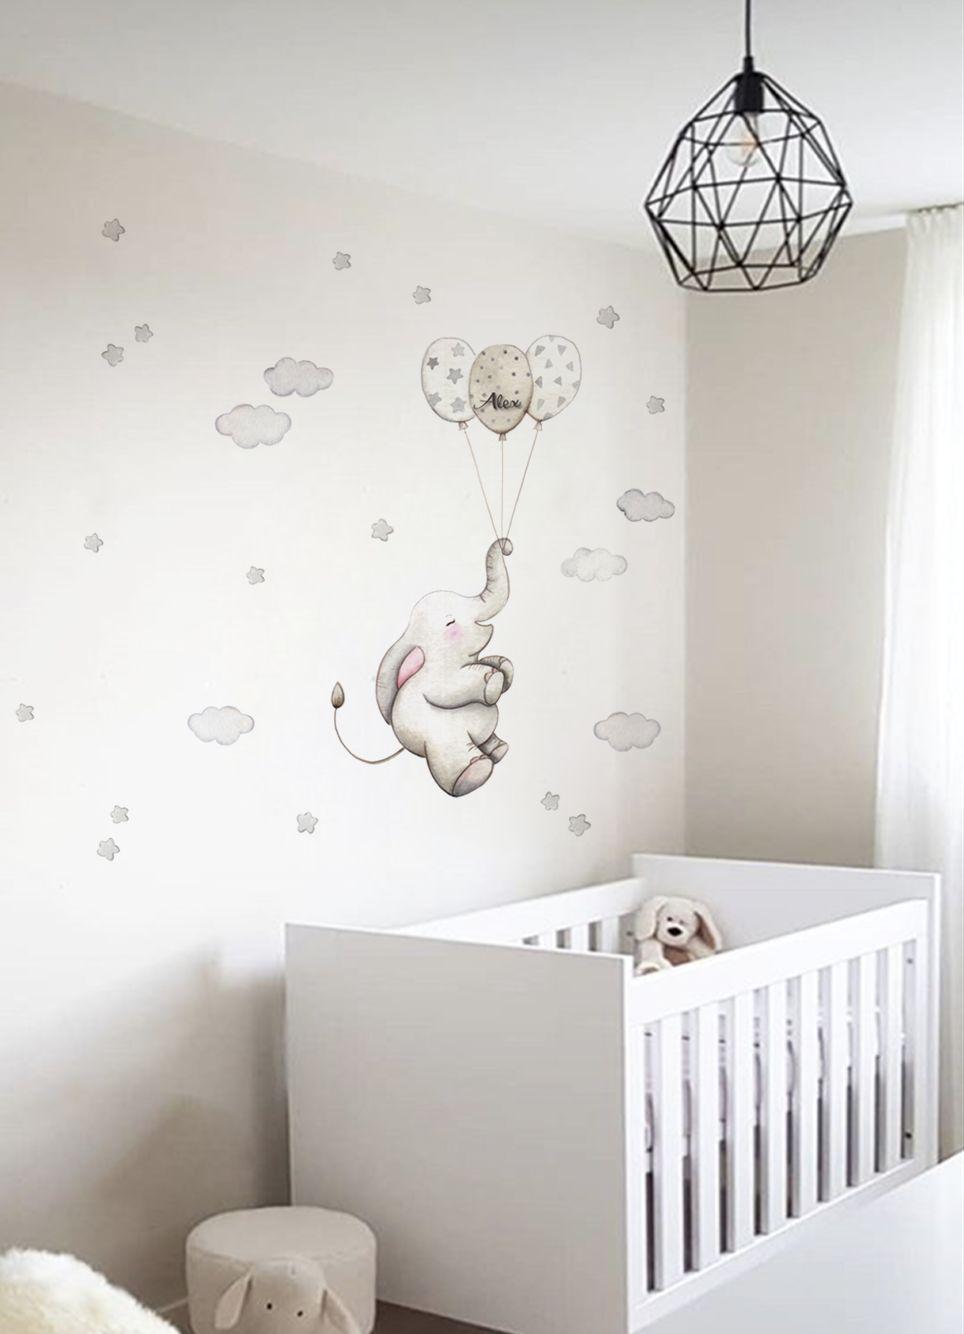 VINILO INFANTIL: Elefante con globos grises